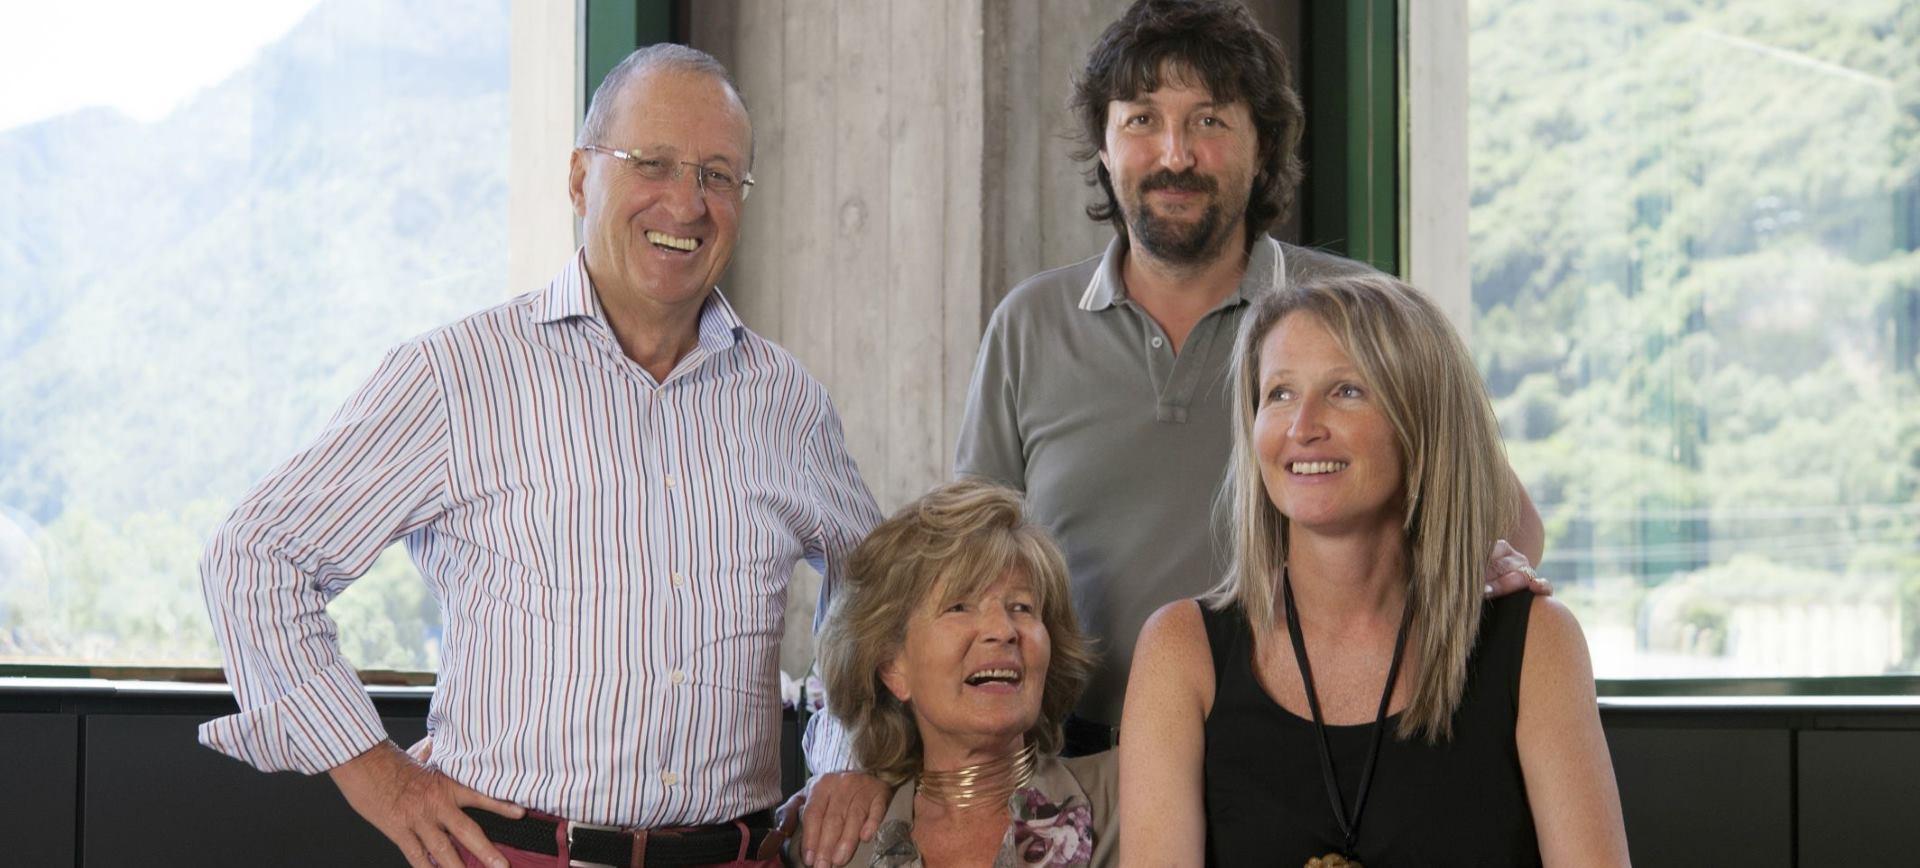 GRUPA DE RIGO VISION Obiteljska tvrtka proširila prodajnu mrežu na američko tržište